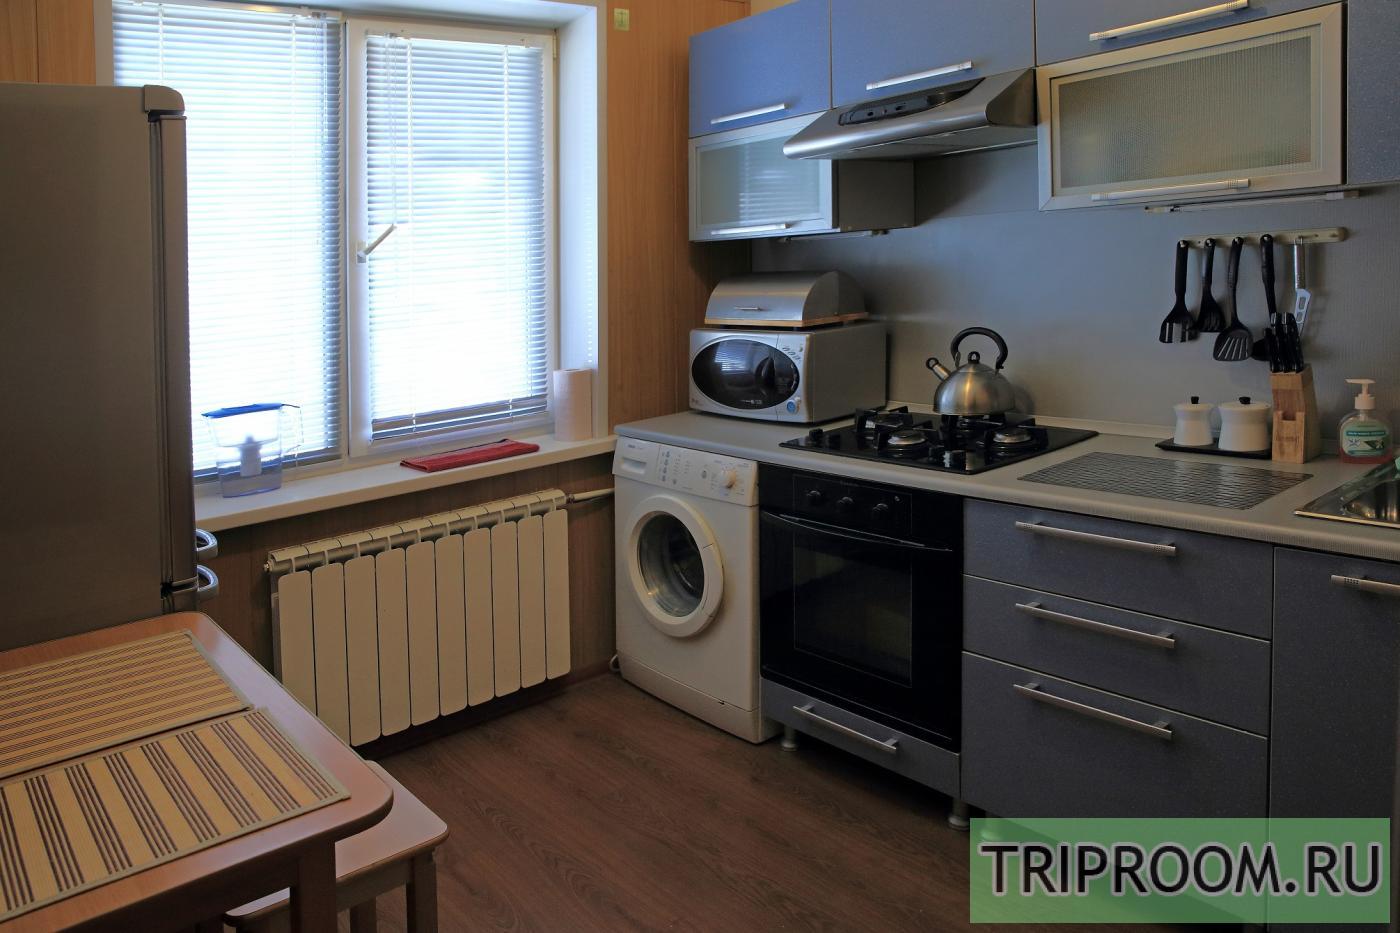 1-комнатная квартира посуточно (вариант № 17614), ул. Авиационный переулок, фото № 3